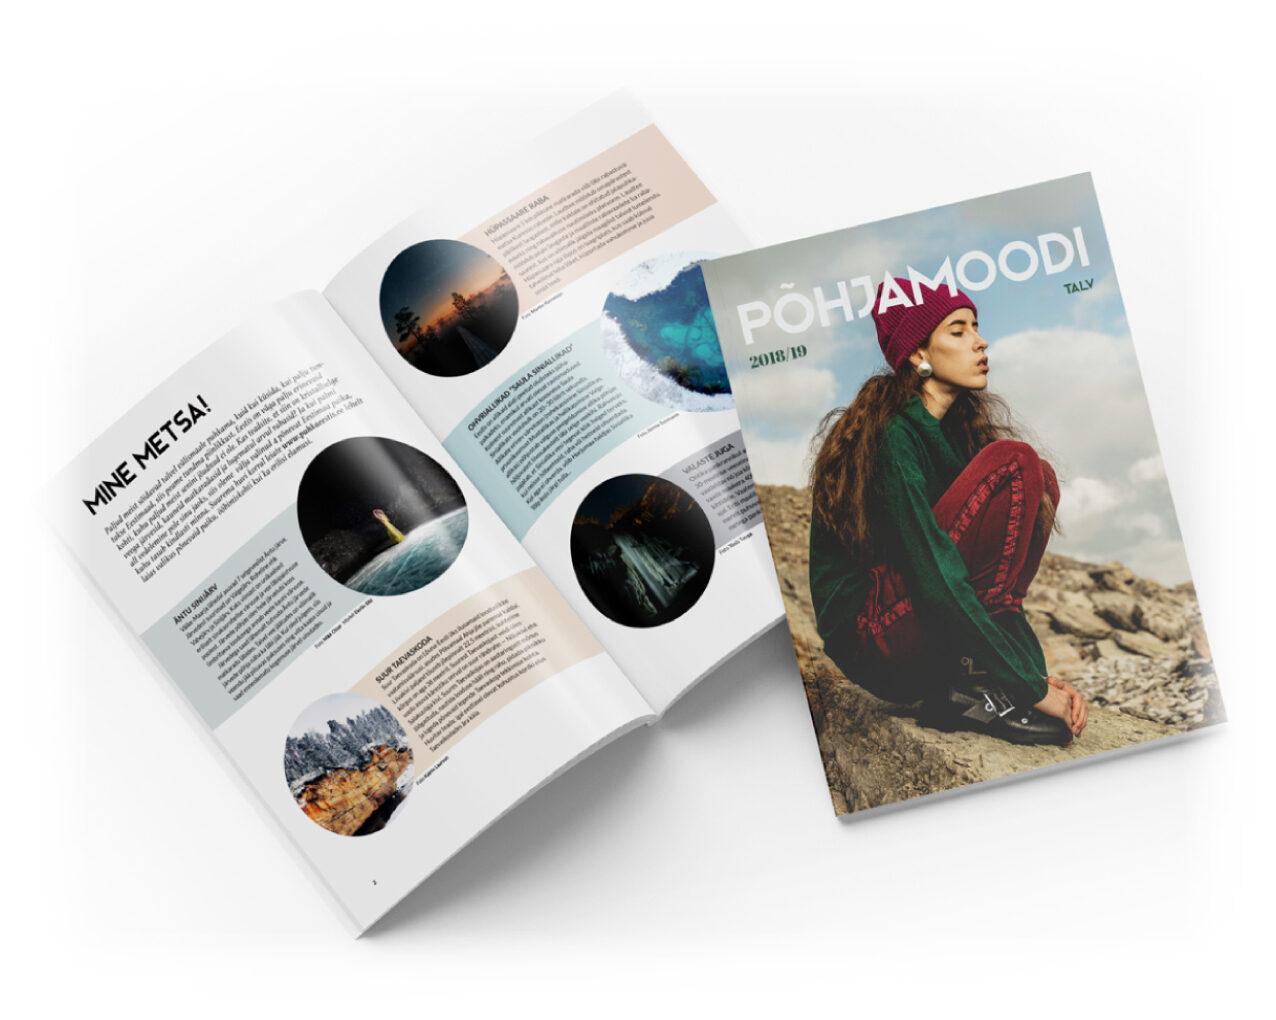 Koostööprojekt ajakiri Põhjamoodi